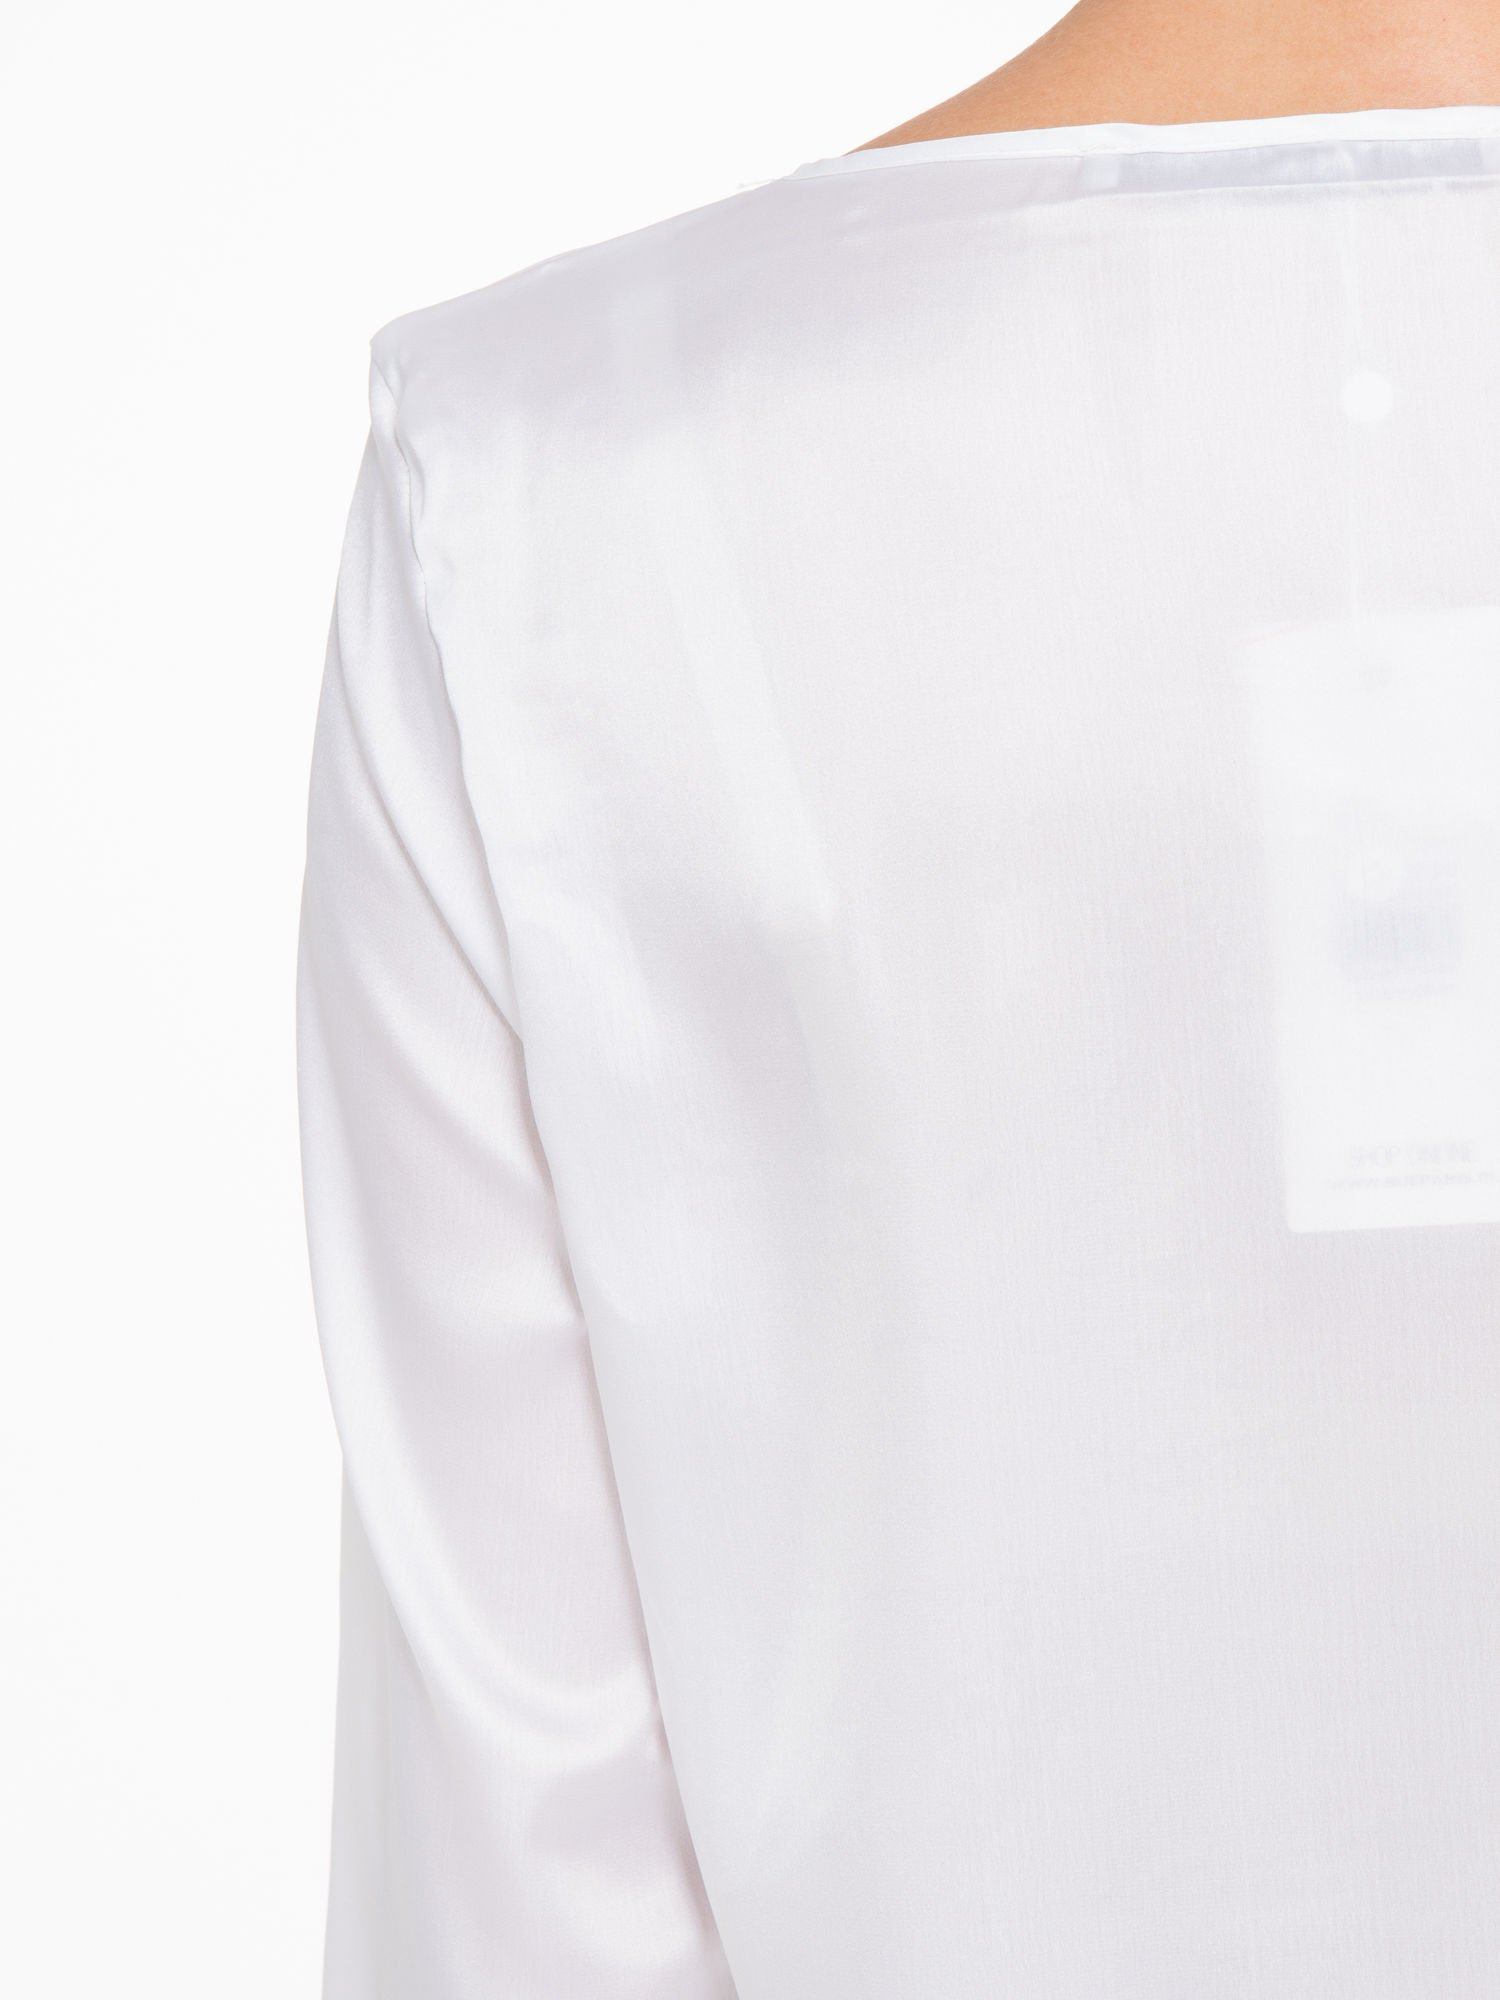 Biała elegancka atłasowa koszula z zakładkami przy dekolcie                                  zdj.                                  9